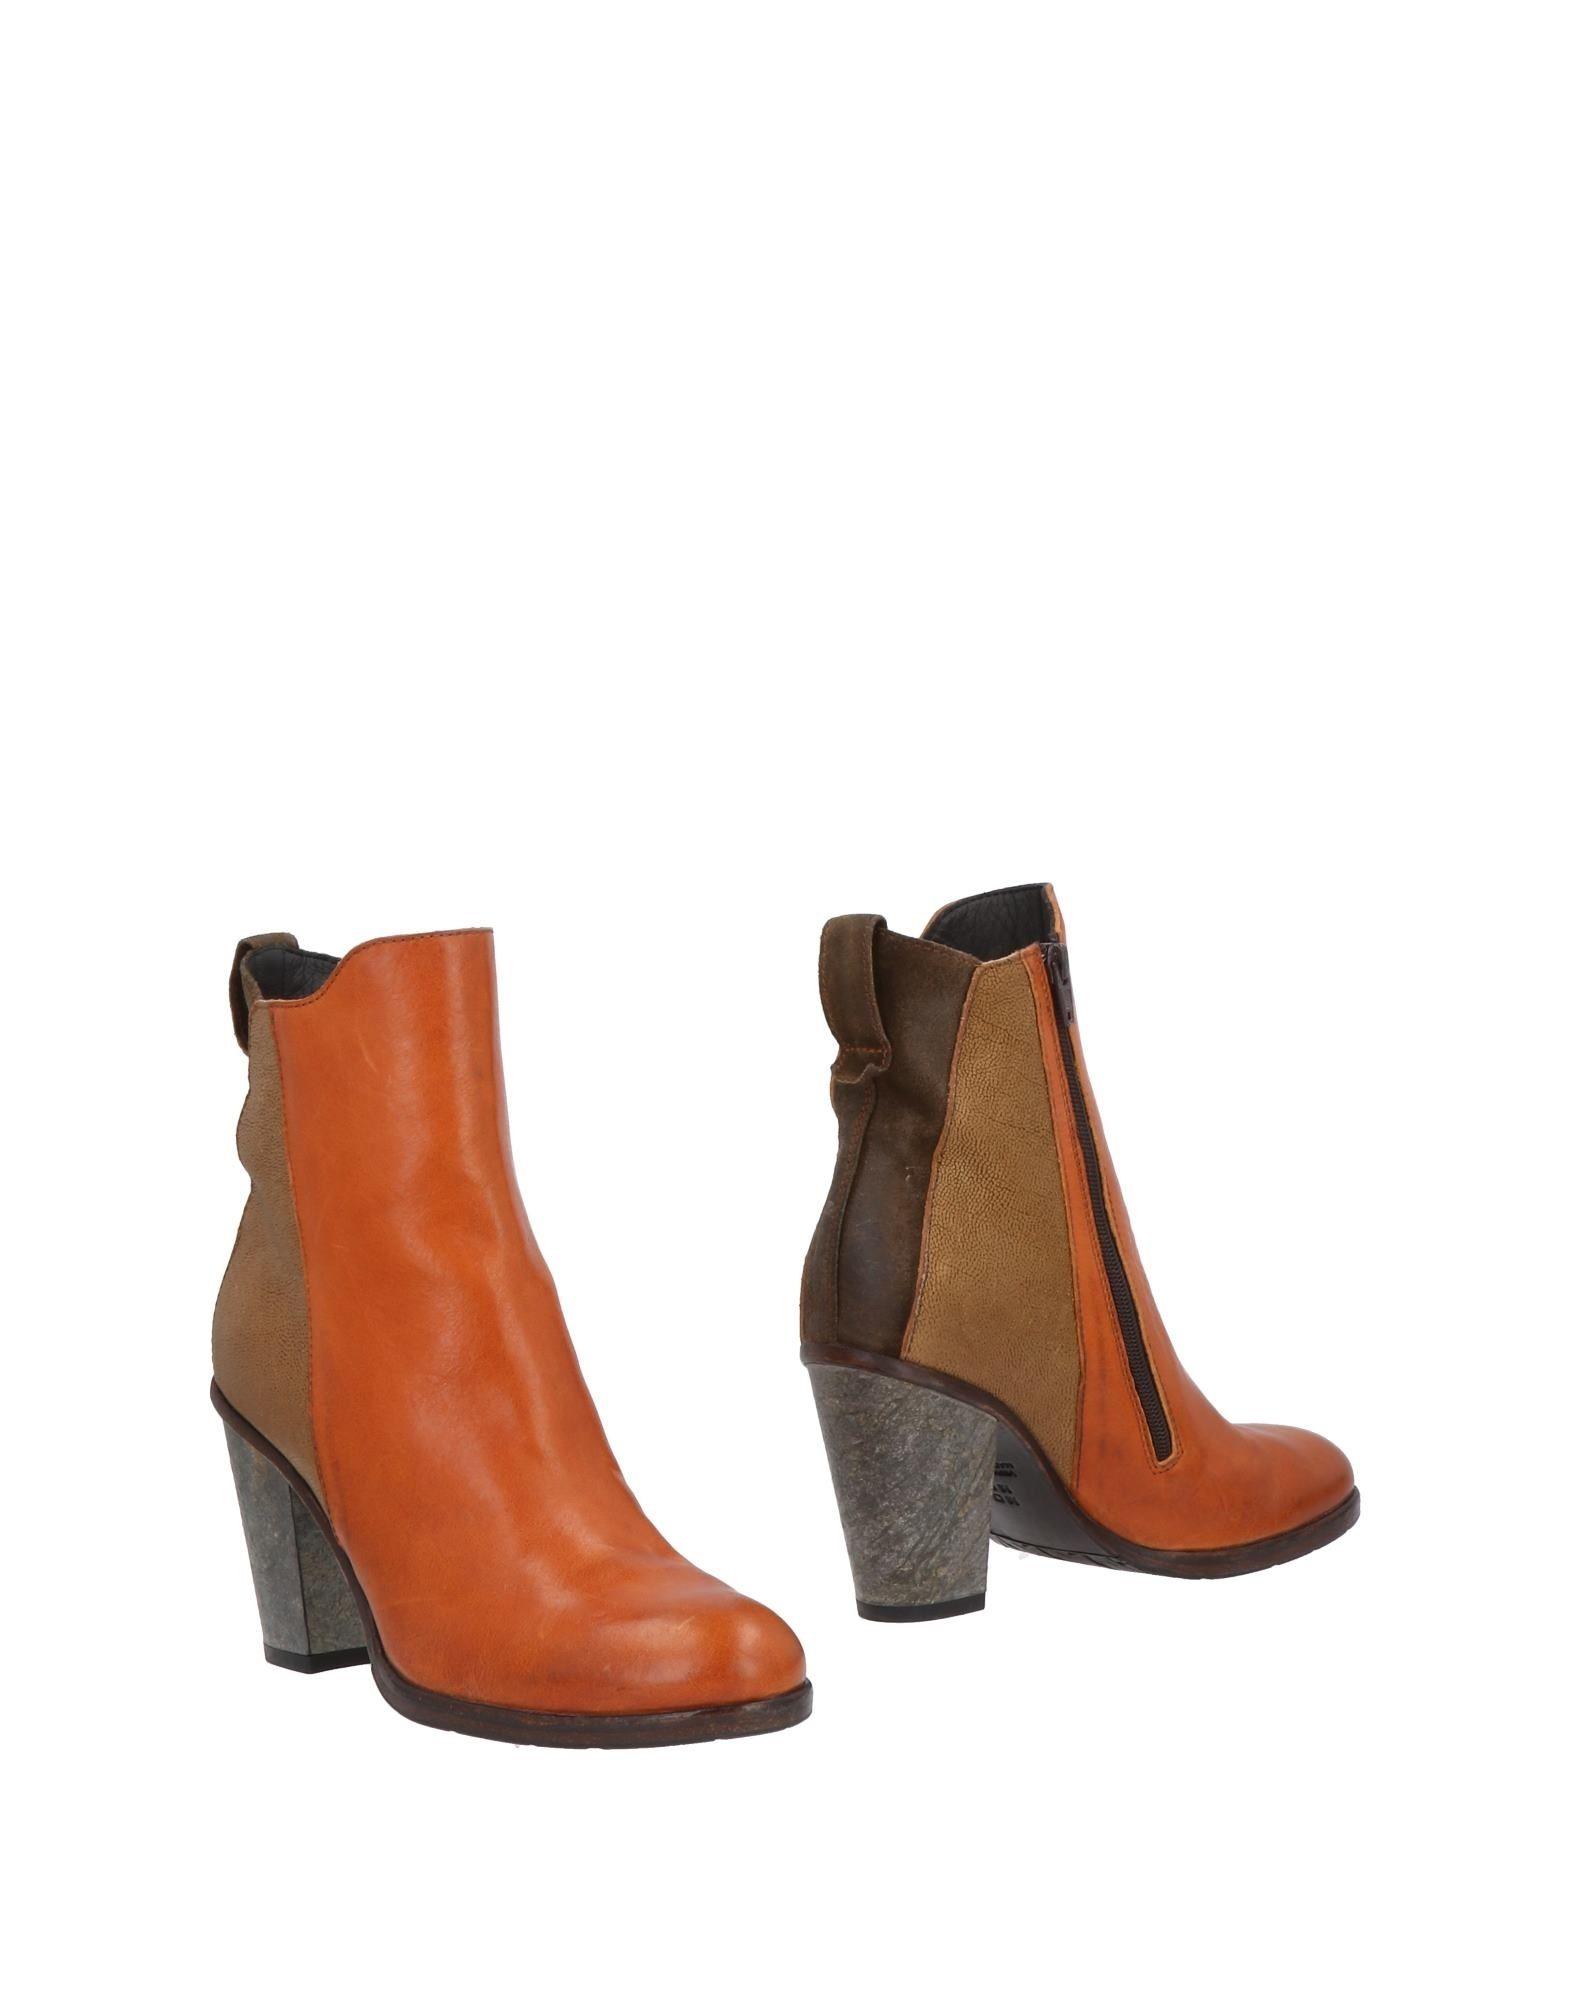 Moma Stiefelette Damen  11498279LHGut aussehende strapazierfähige Schuhe